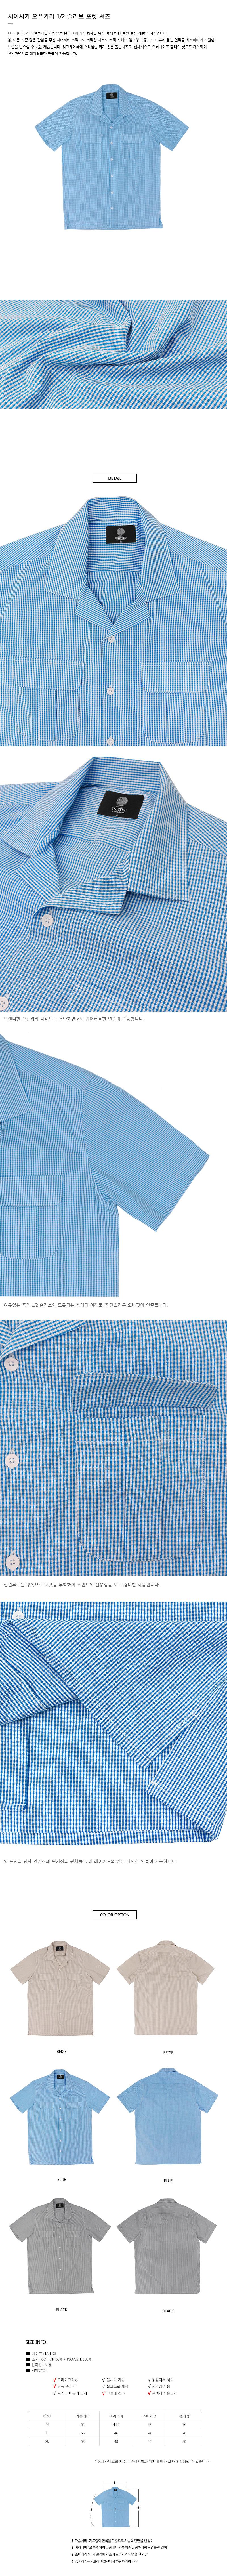 니티드(KNITTED) 시어서커 오픈카라 1/2 슬리브 포켓 셔츠 BLUE